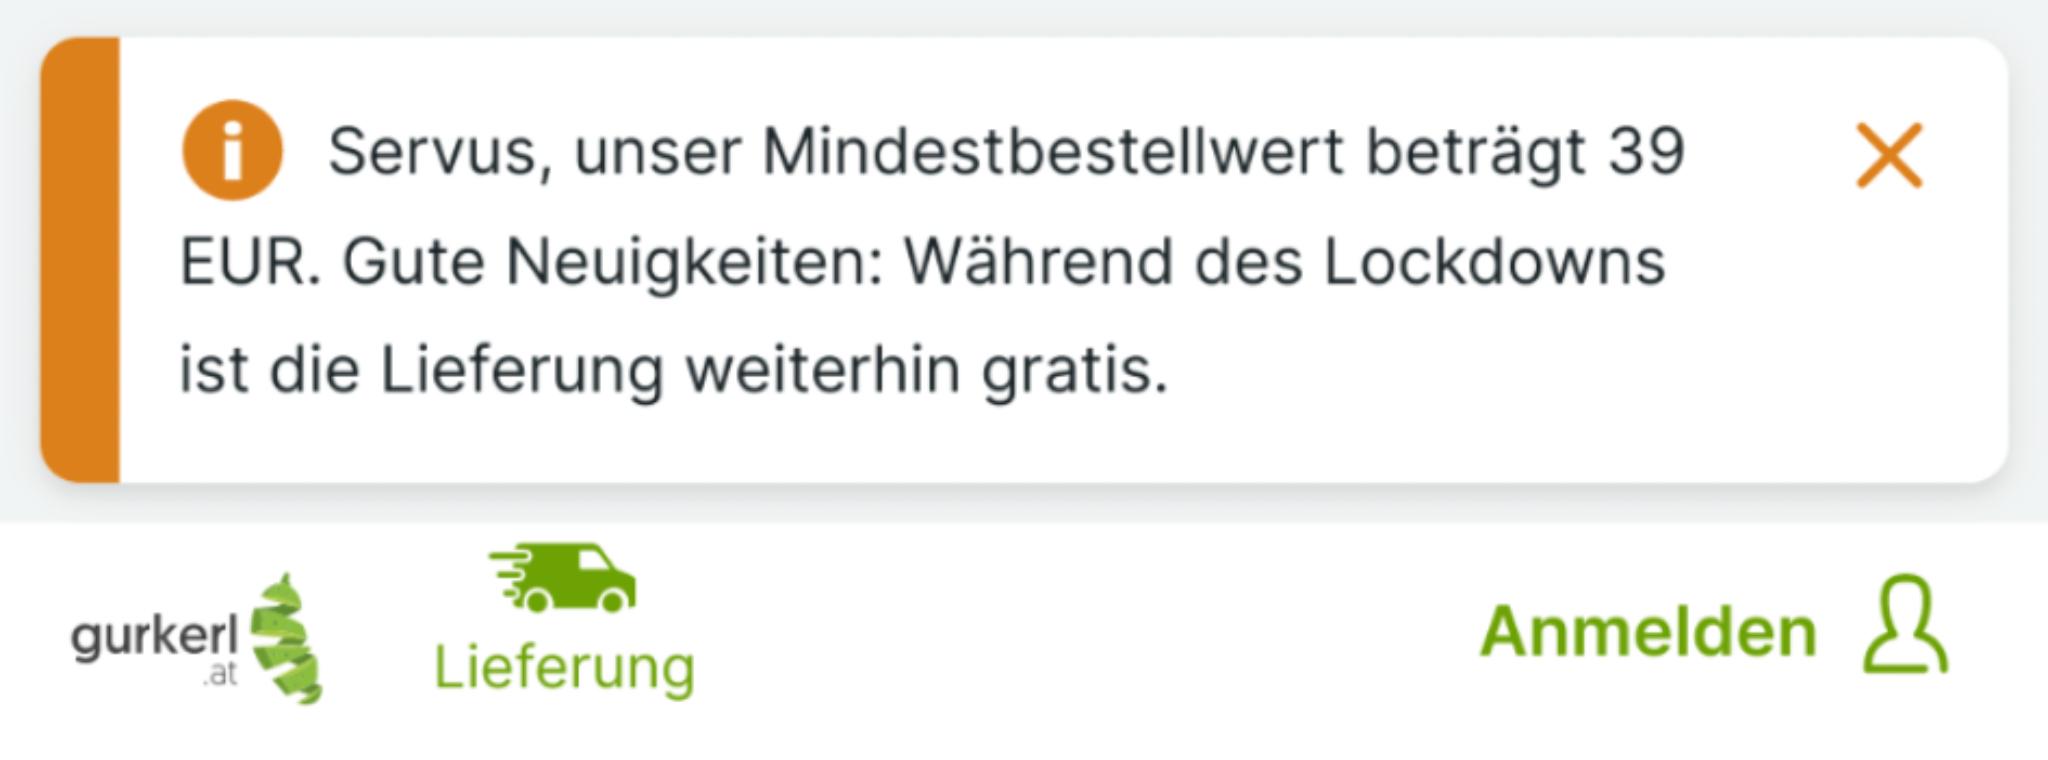 Gurkerl.at: Gratis Zustellung (39,- MBW) während Lockdown (Wien + Umgebung)